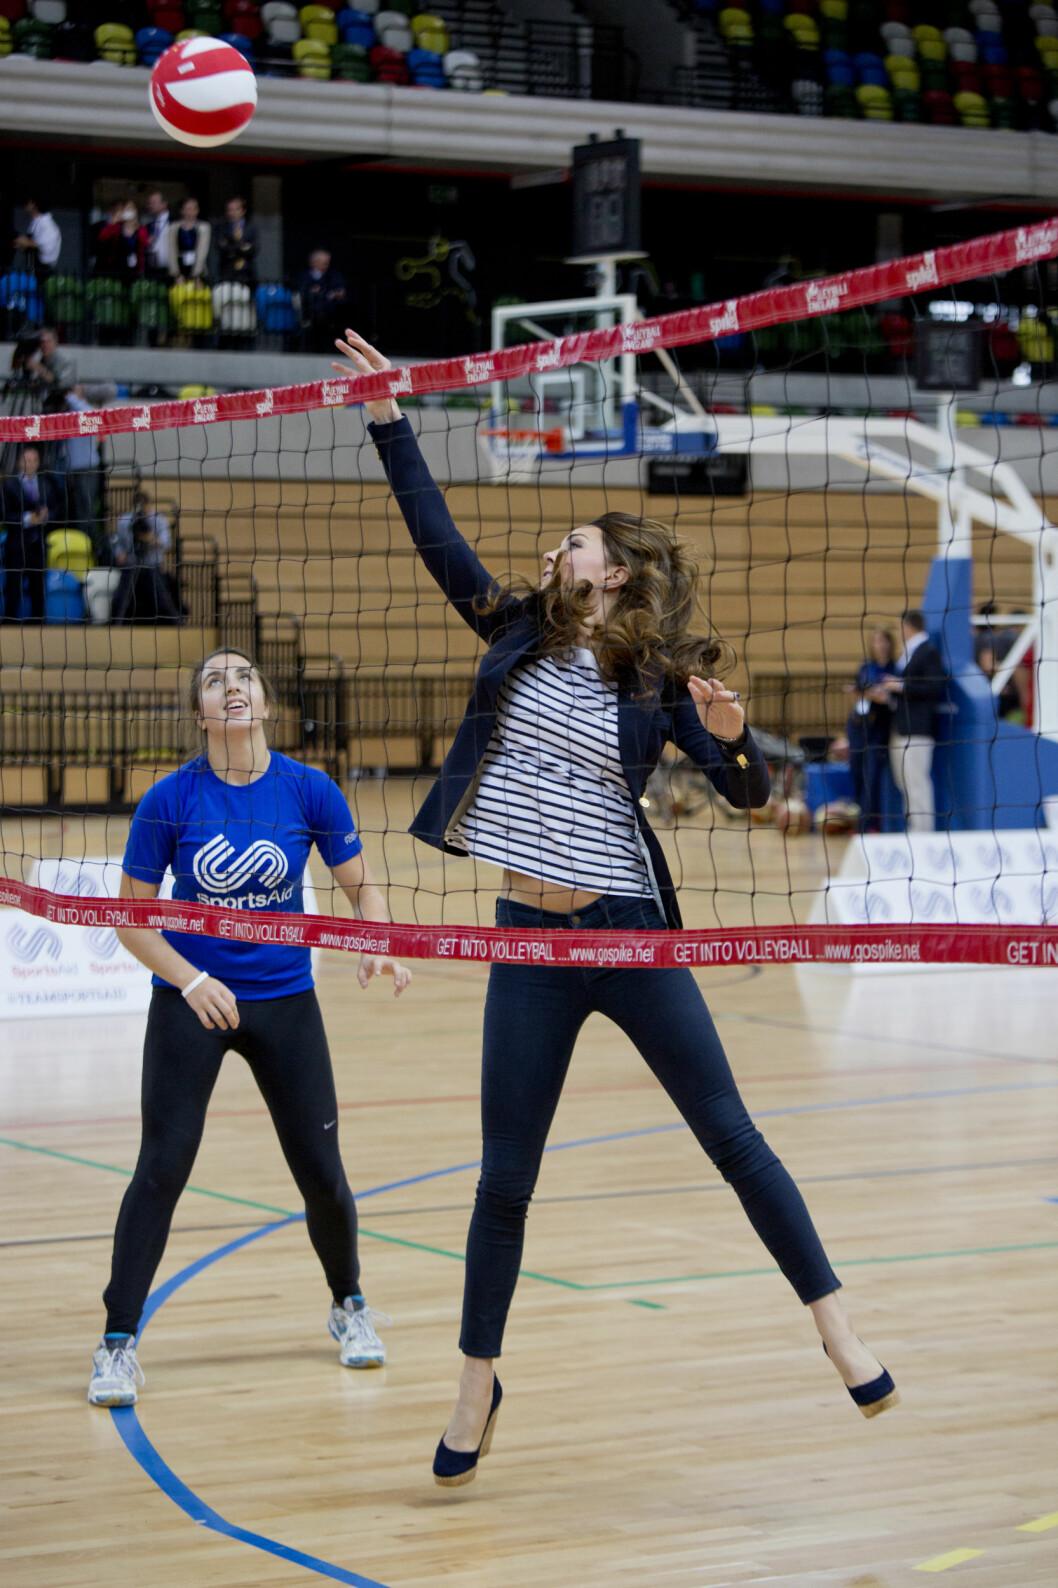 SPORTY KONGELIG: Hertuginne Kate i aksjon på volleyballbanen på Copper Box i London i oktober 2013. Foto: Reuters